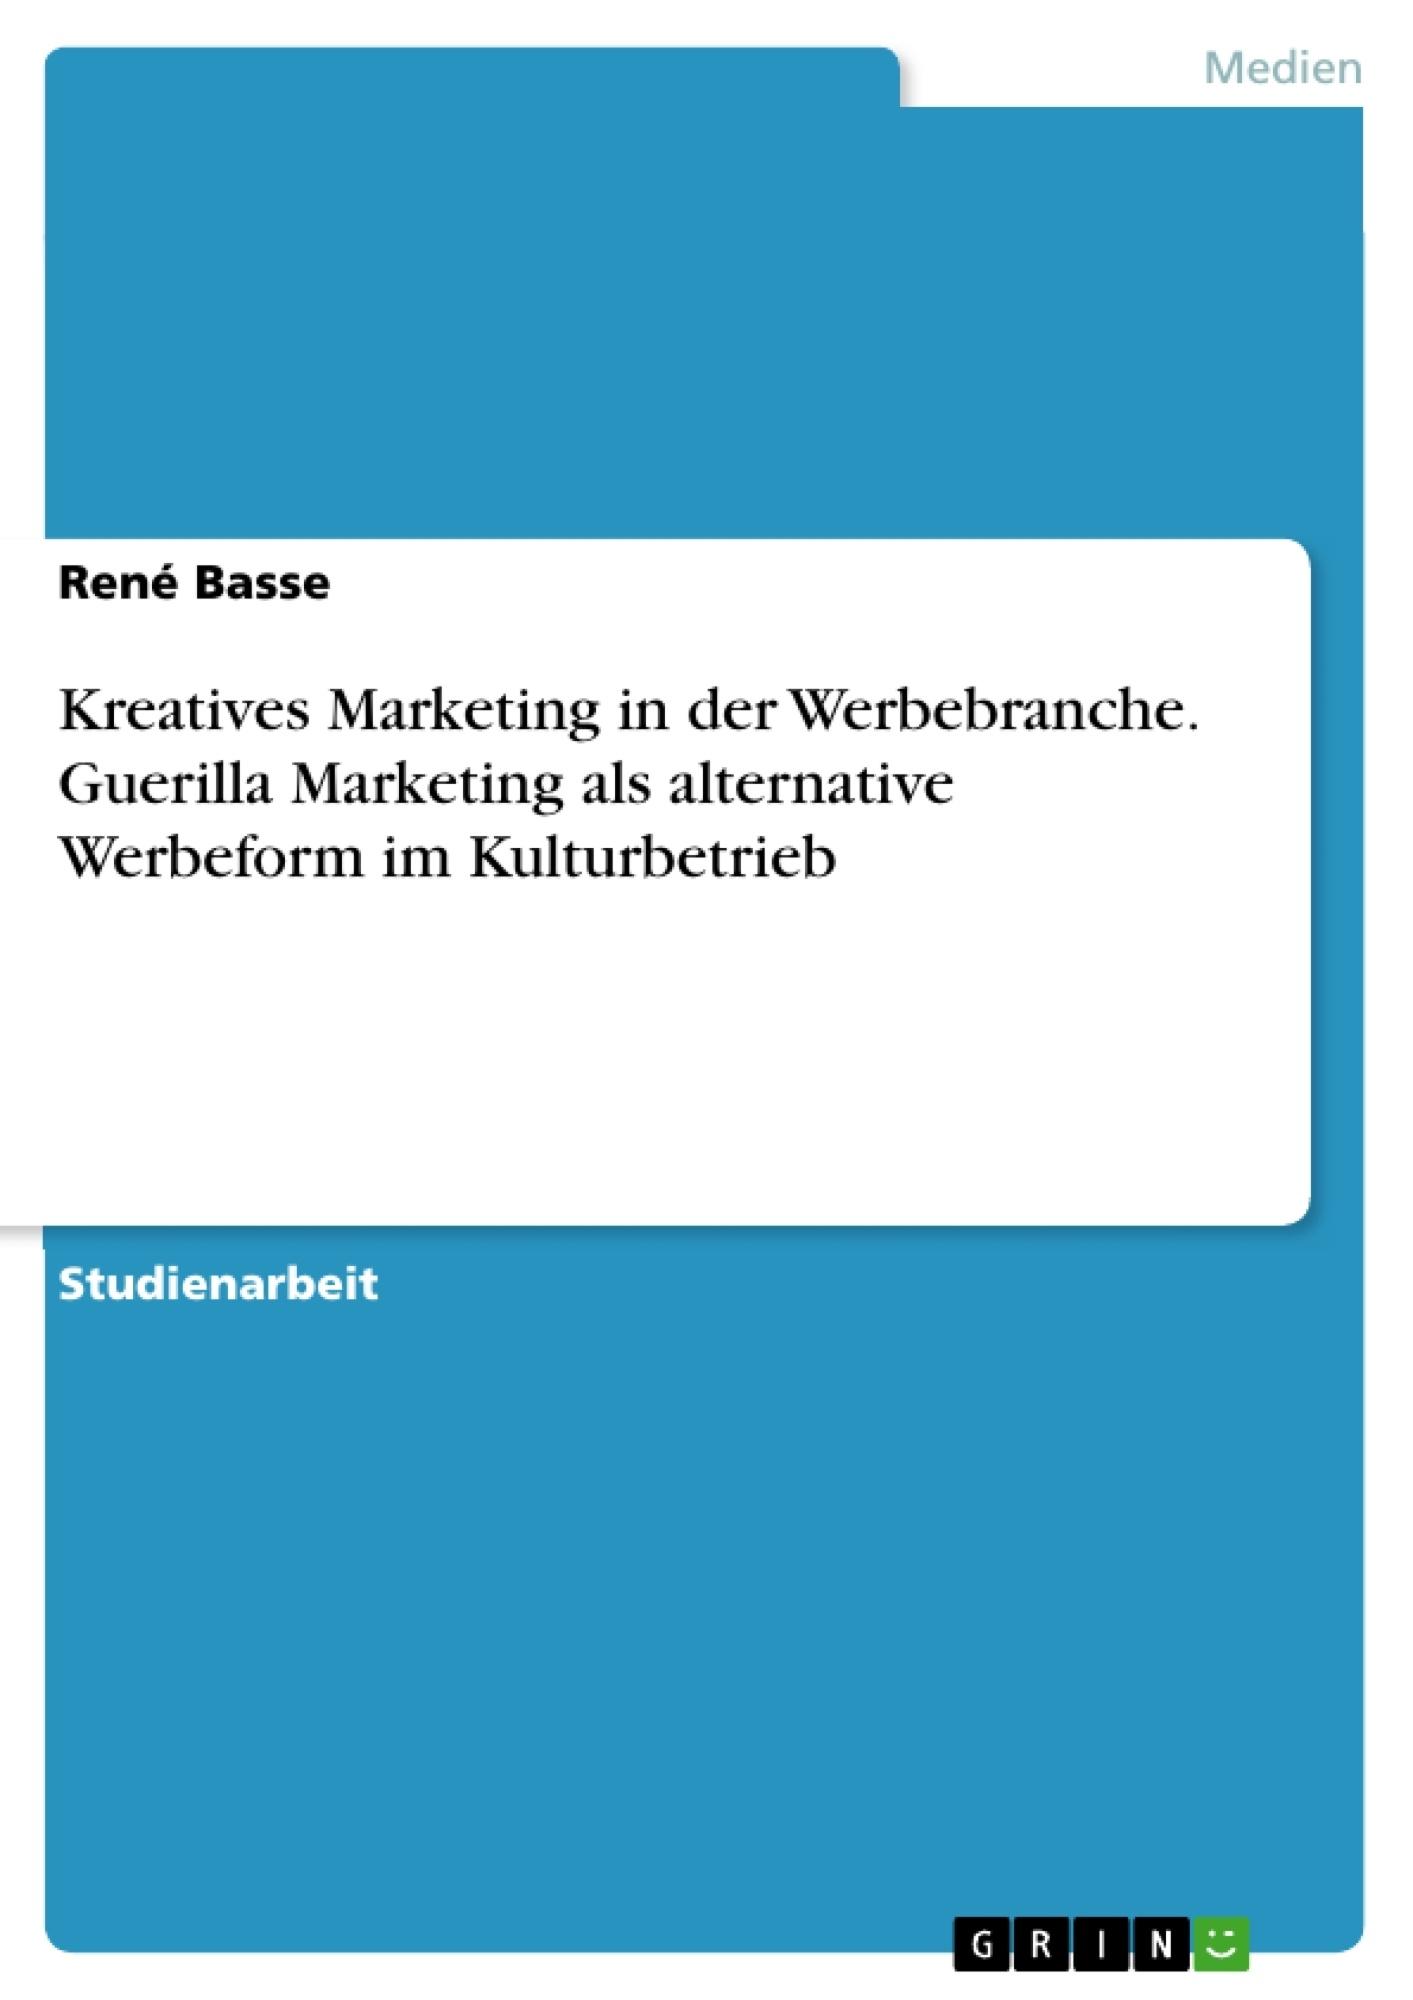 Titel: Kreatives Marketing in der Werbebranche. Guerilla Marketing als alternative Werbeform im Kulturbetrieb